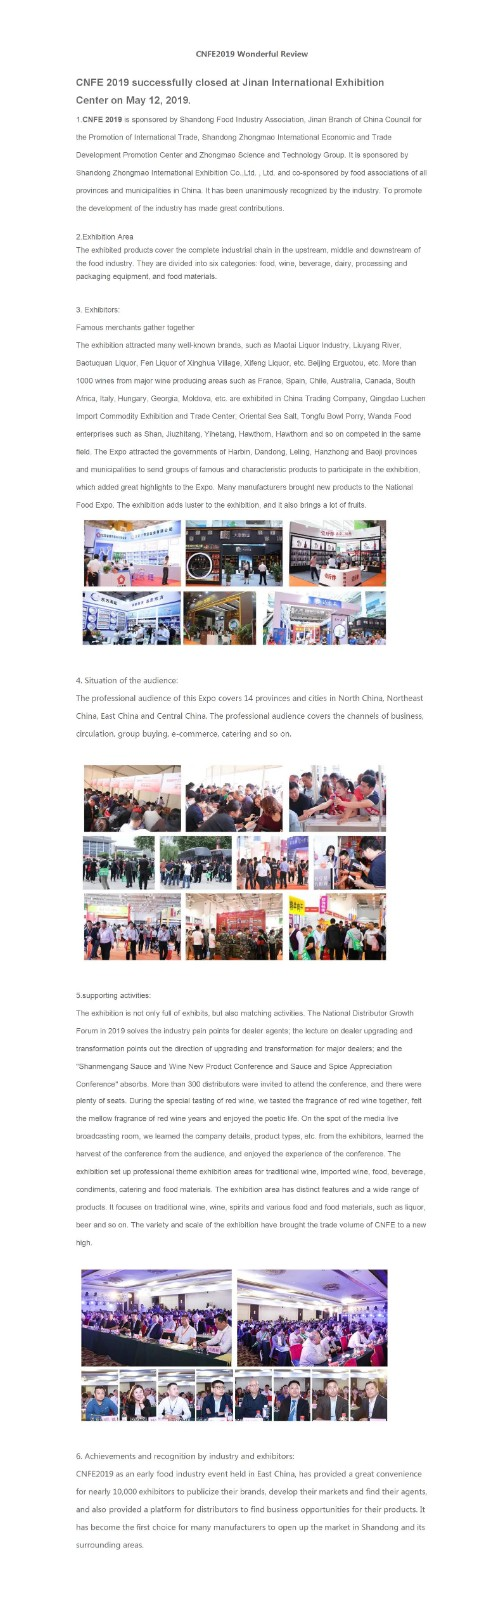 濟南食品展覽會CNFE